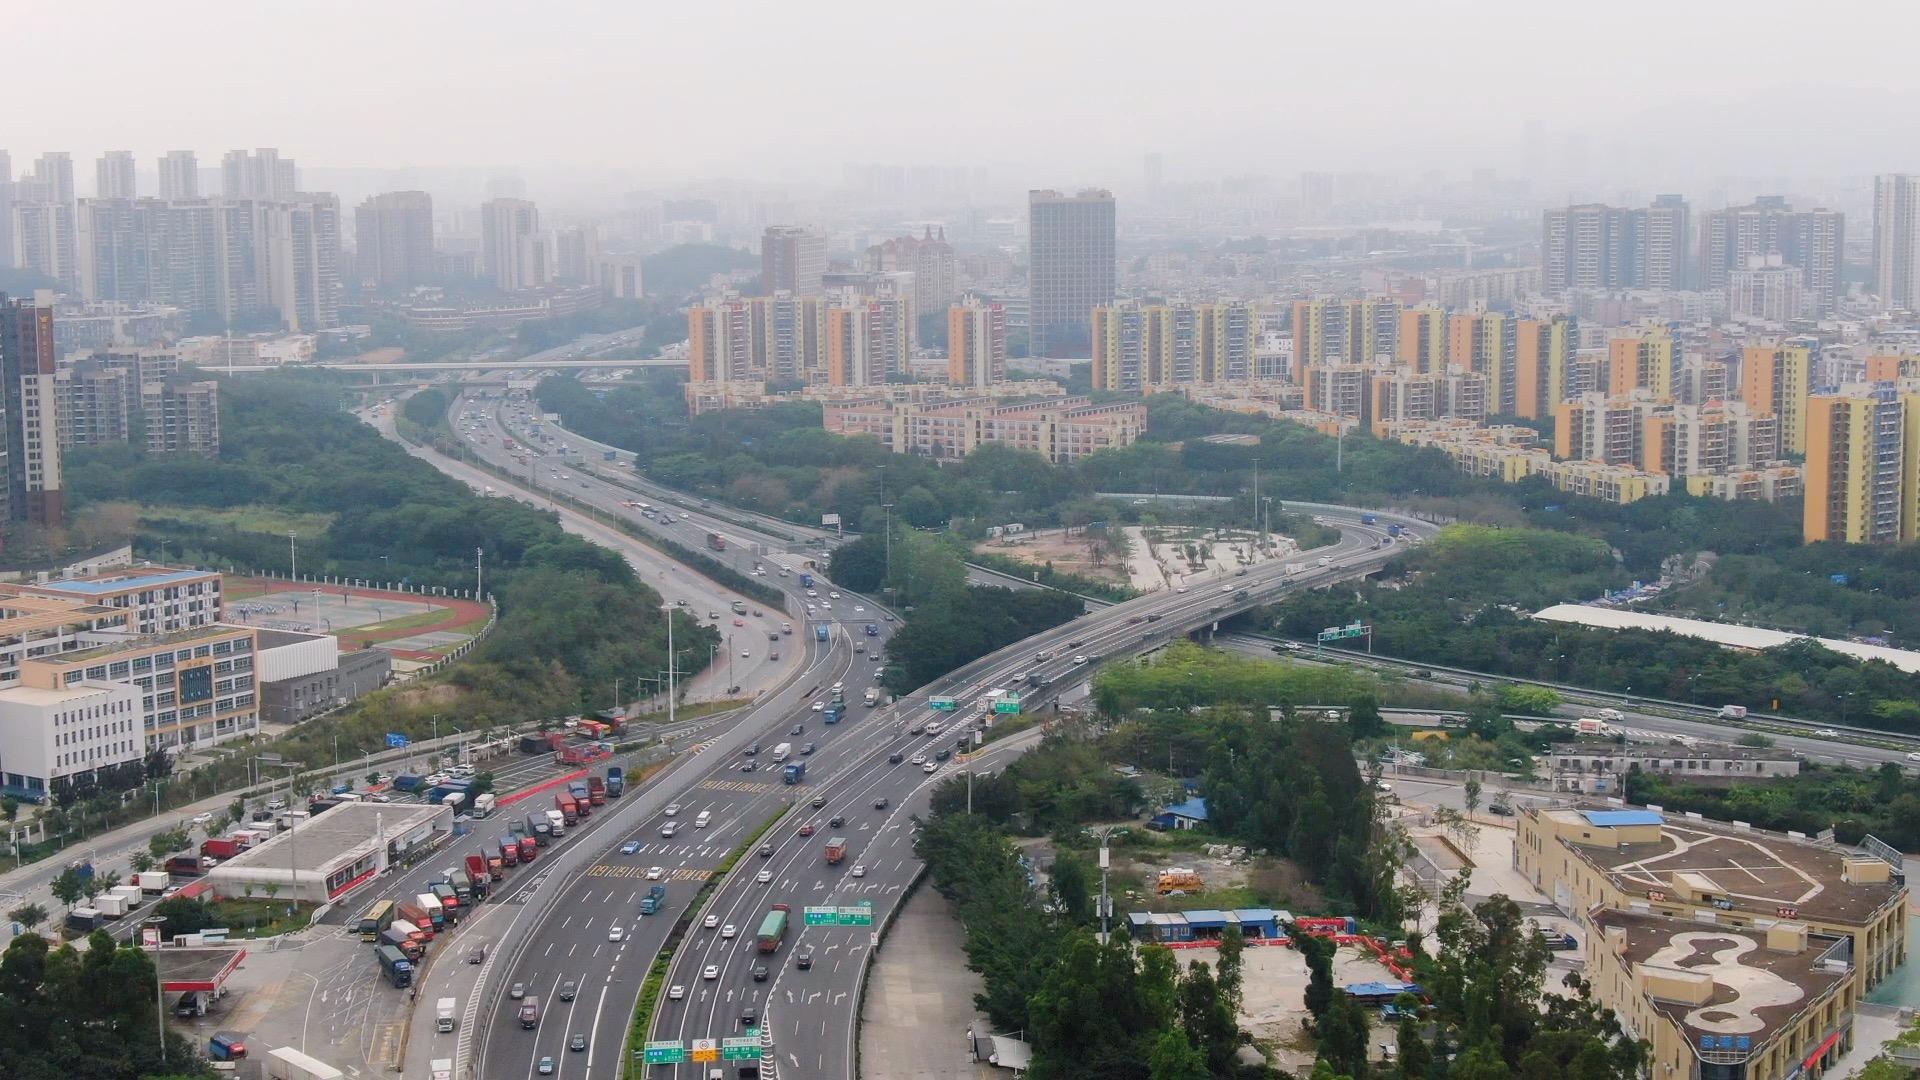 沿着高速看中国(广东):佛山千灯湖小镇创投热力值爆表